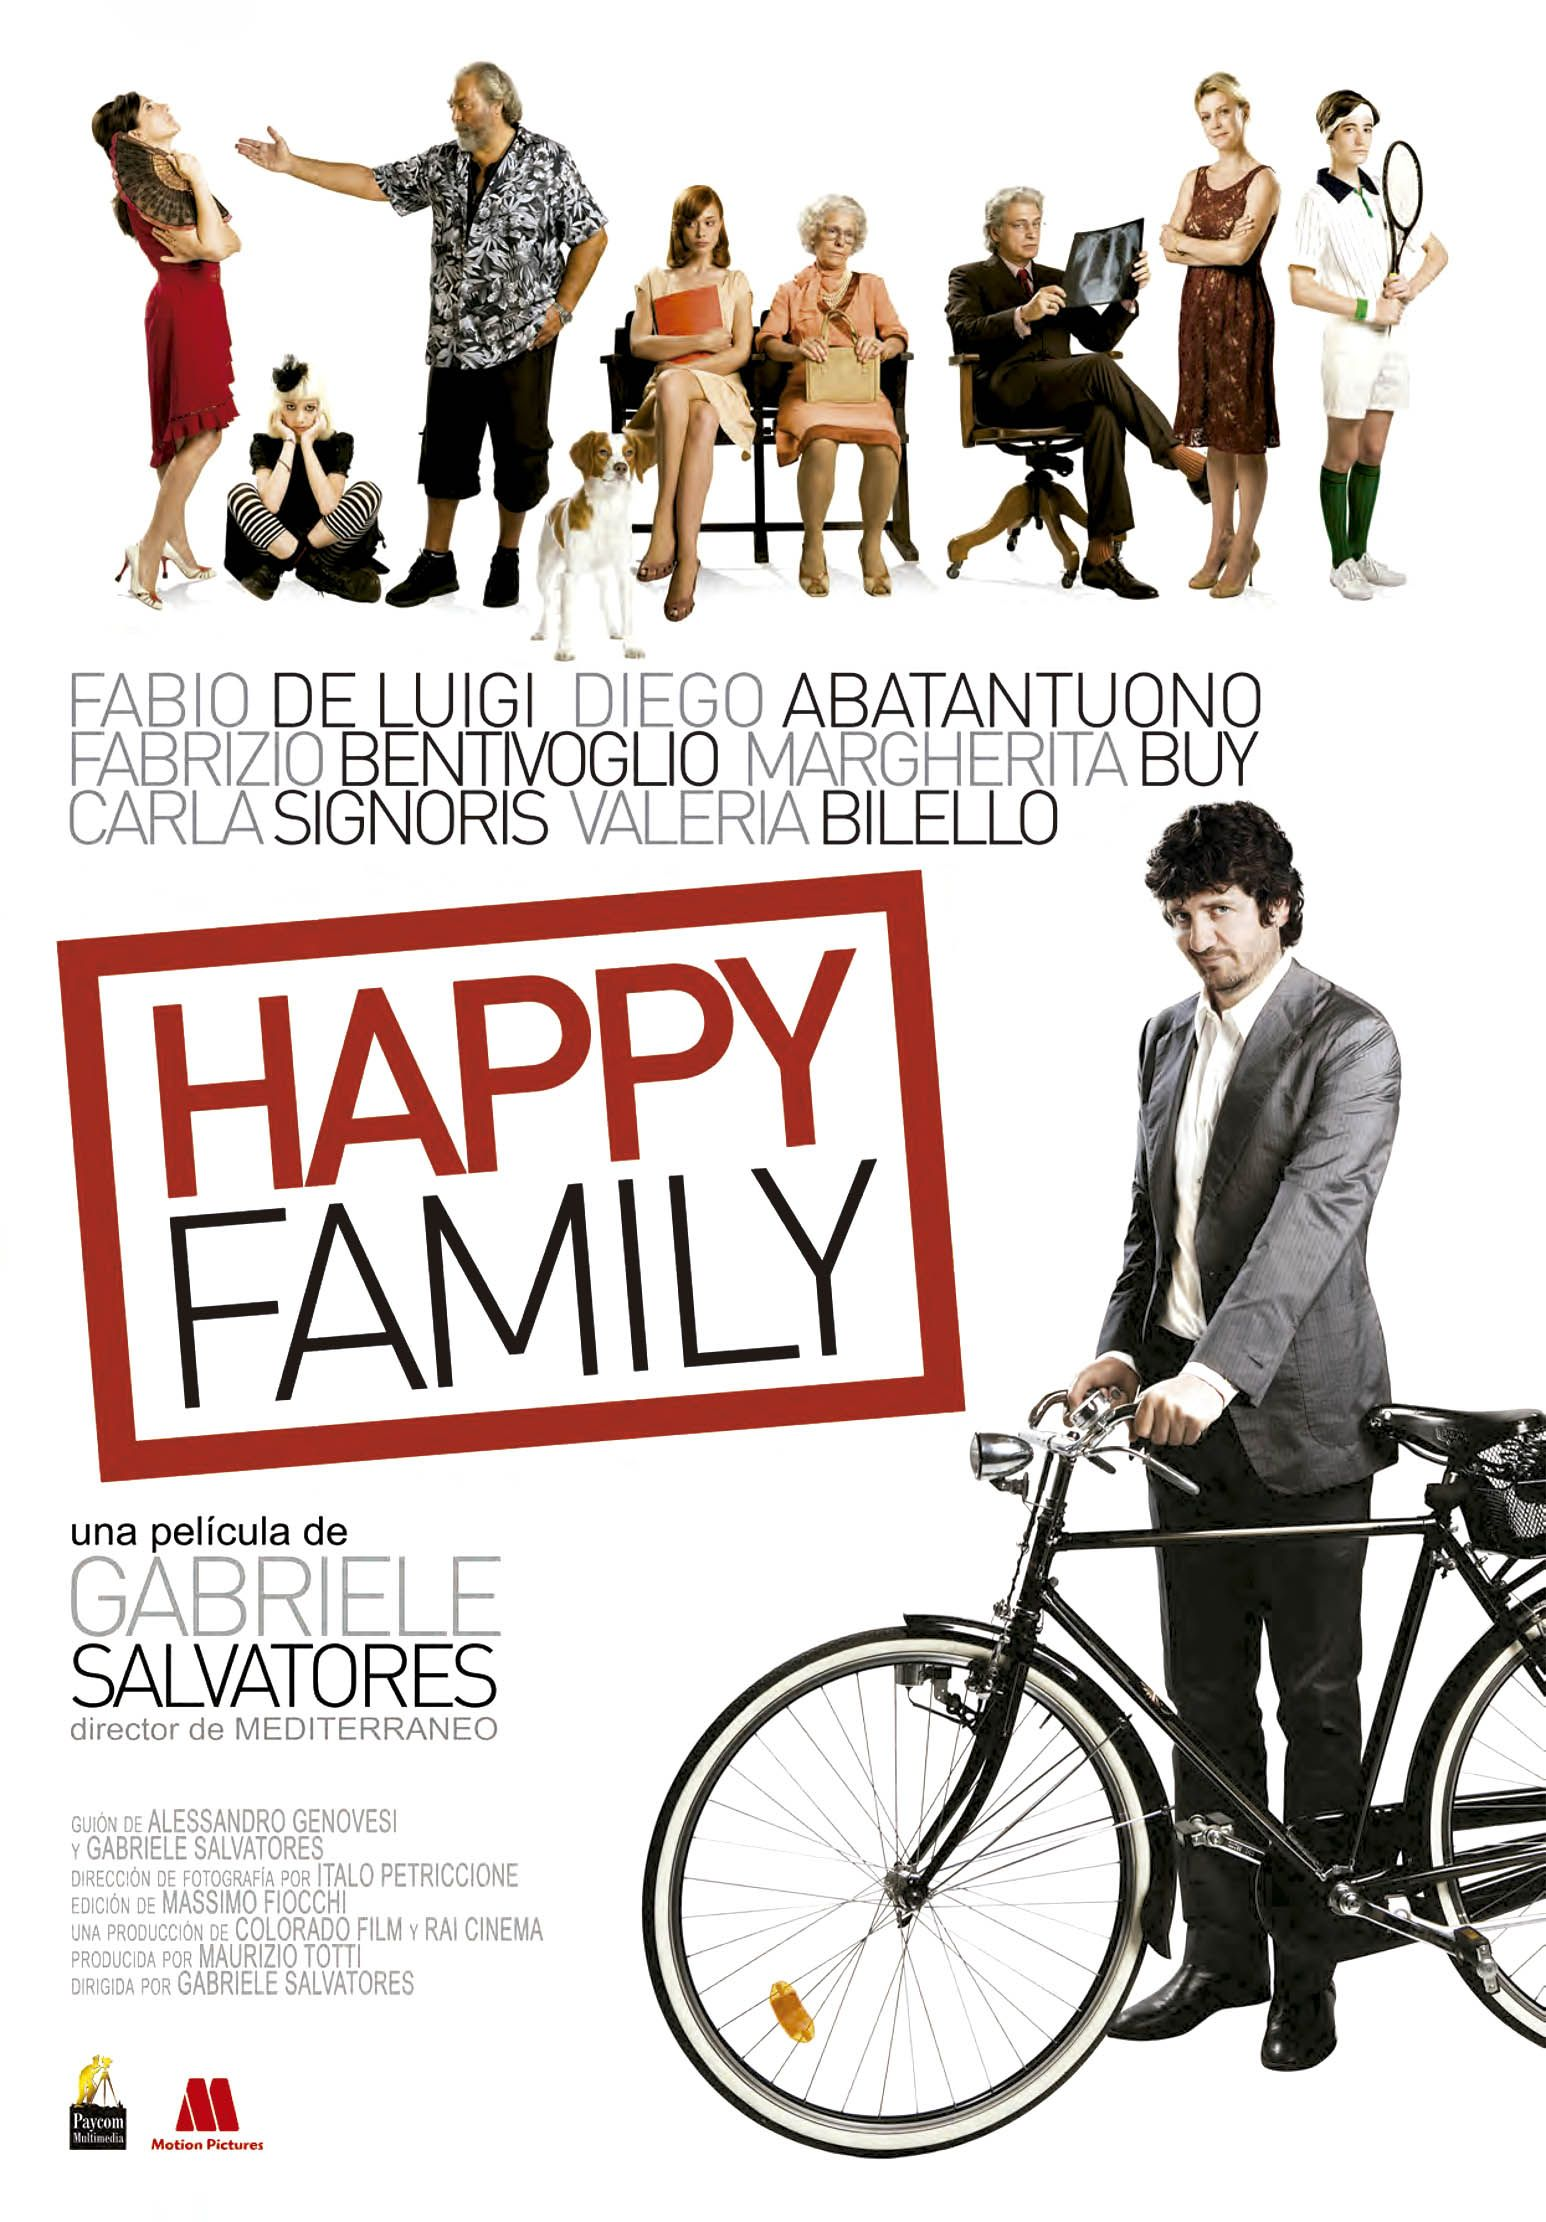 Happy family   Pinterest   Happy family